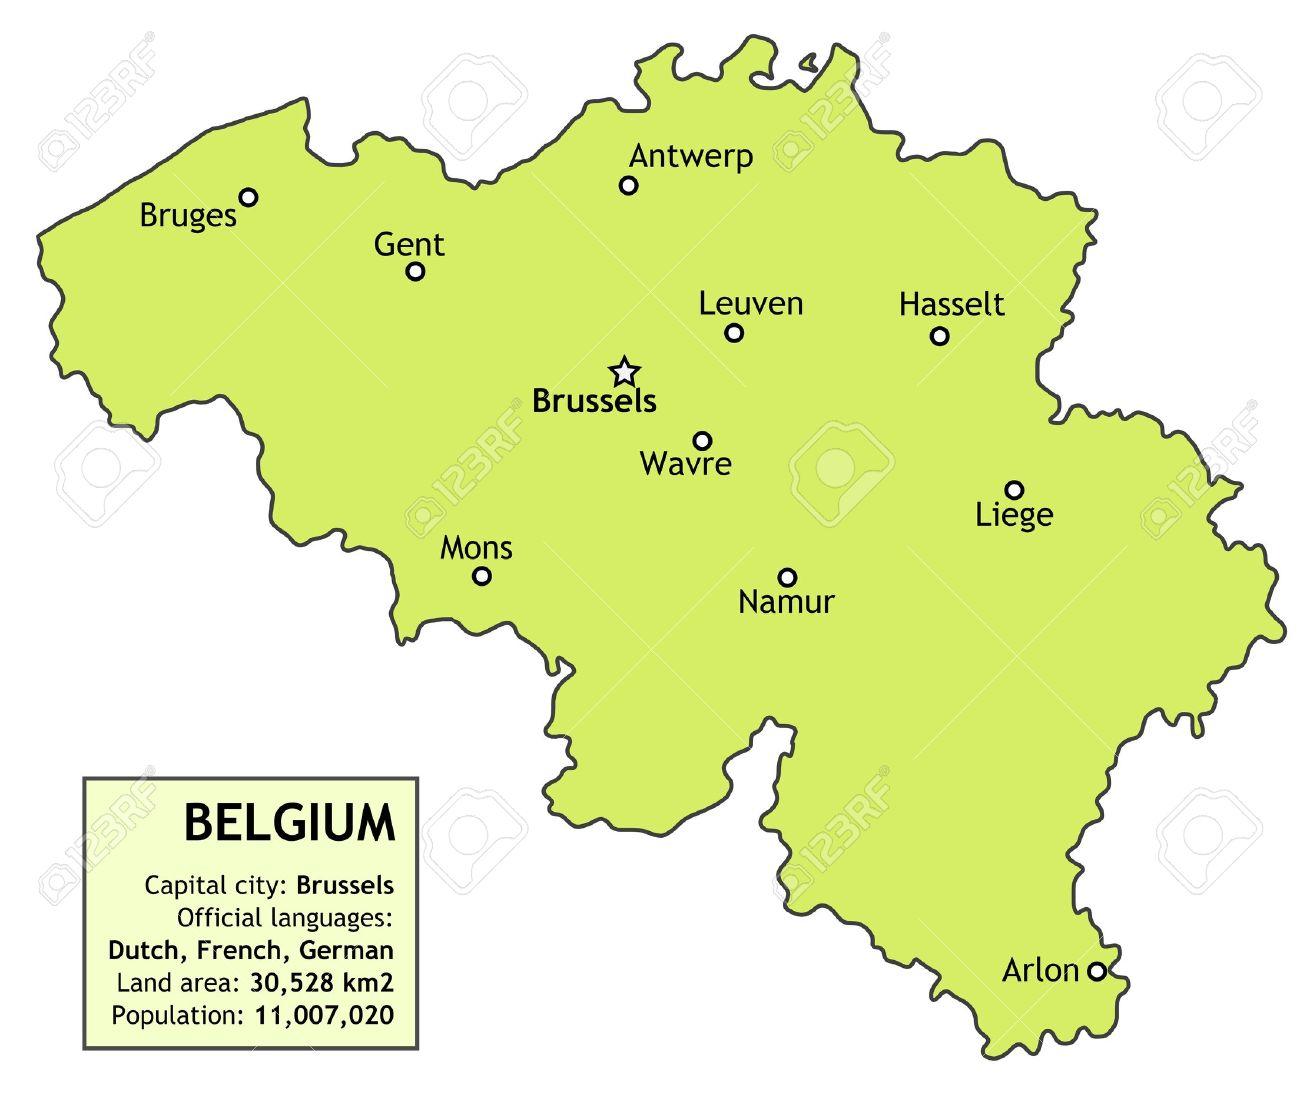 Carte Belgique Villes.Carte De La Belgique Avec Les Grandes Villes Bruxelles Anvers Namur Liege Et Autres Informations Sur Le Pays Table De Donnees